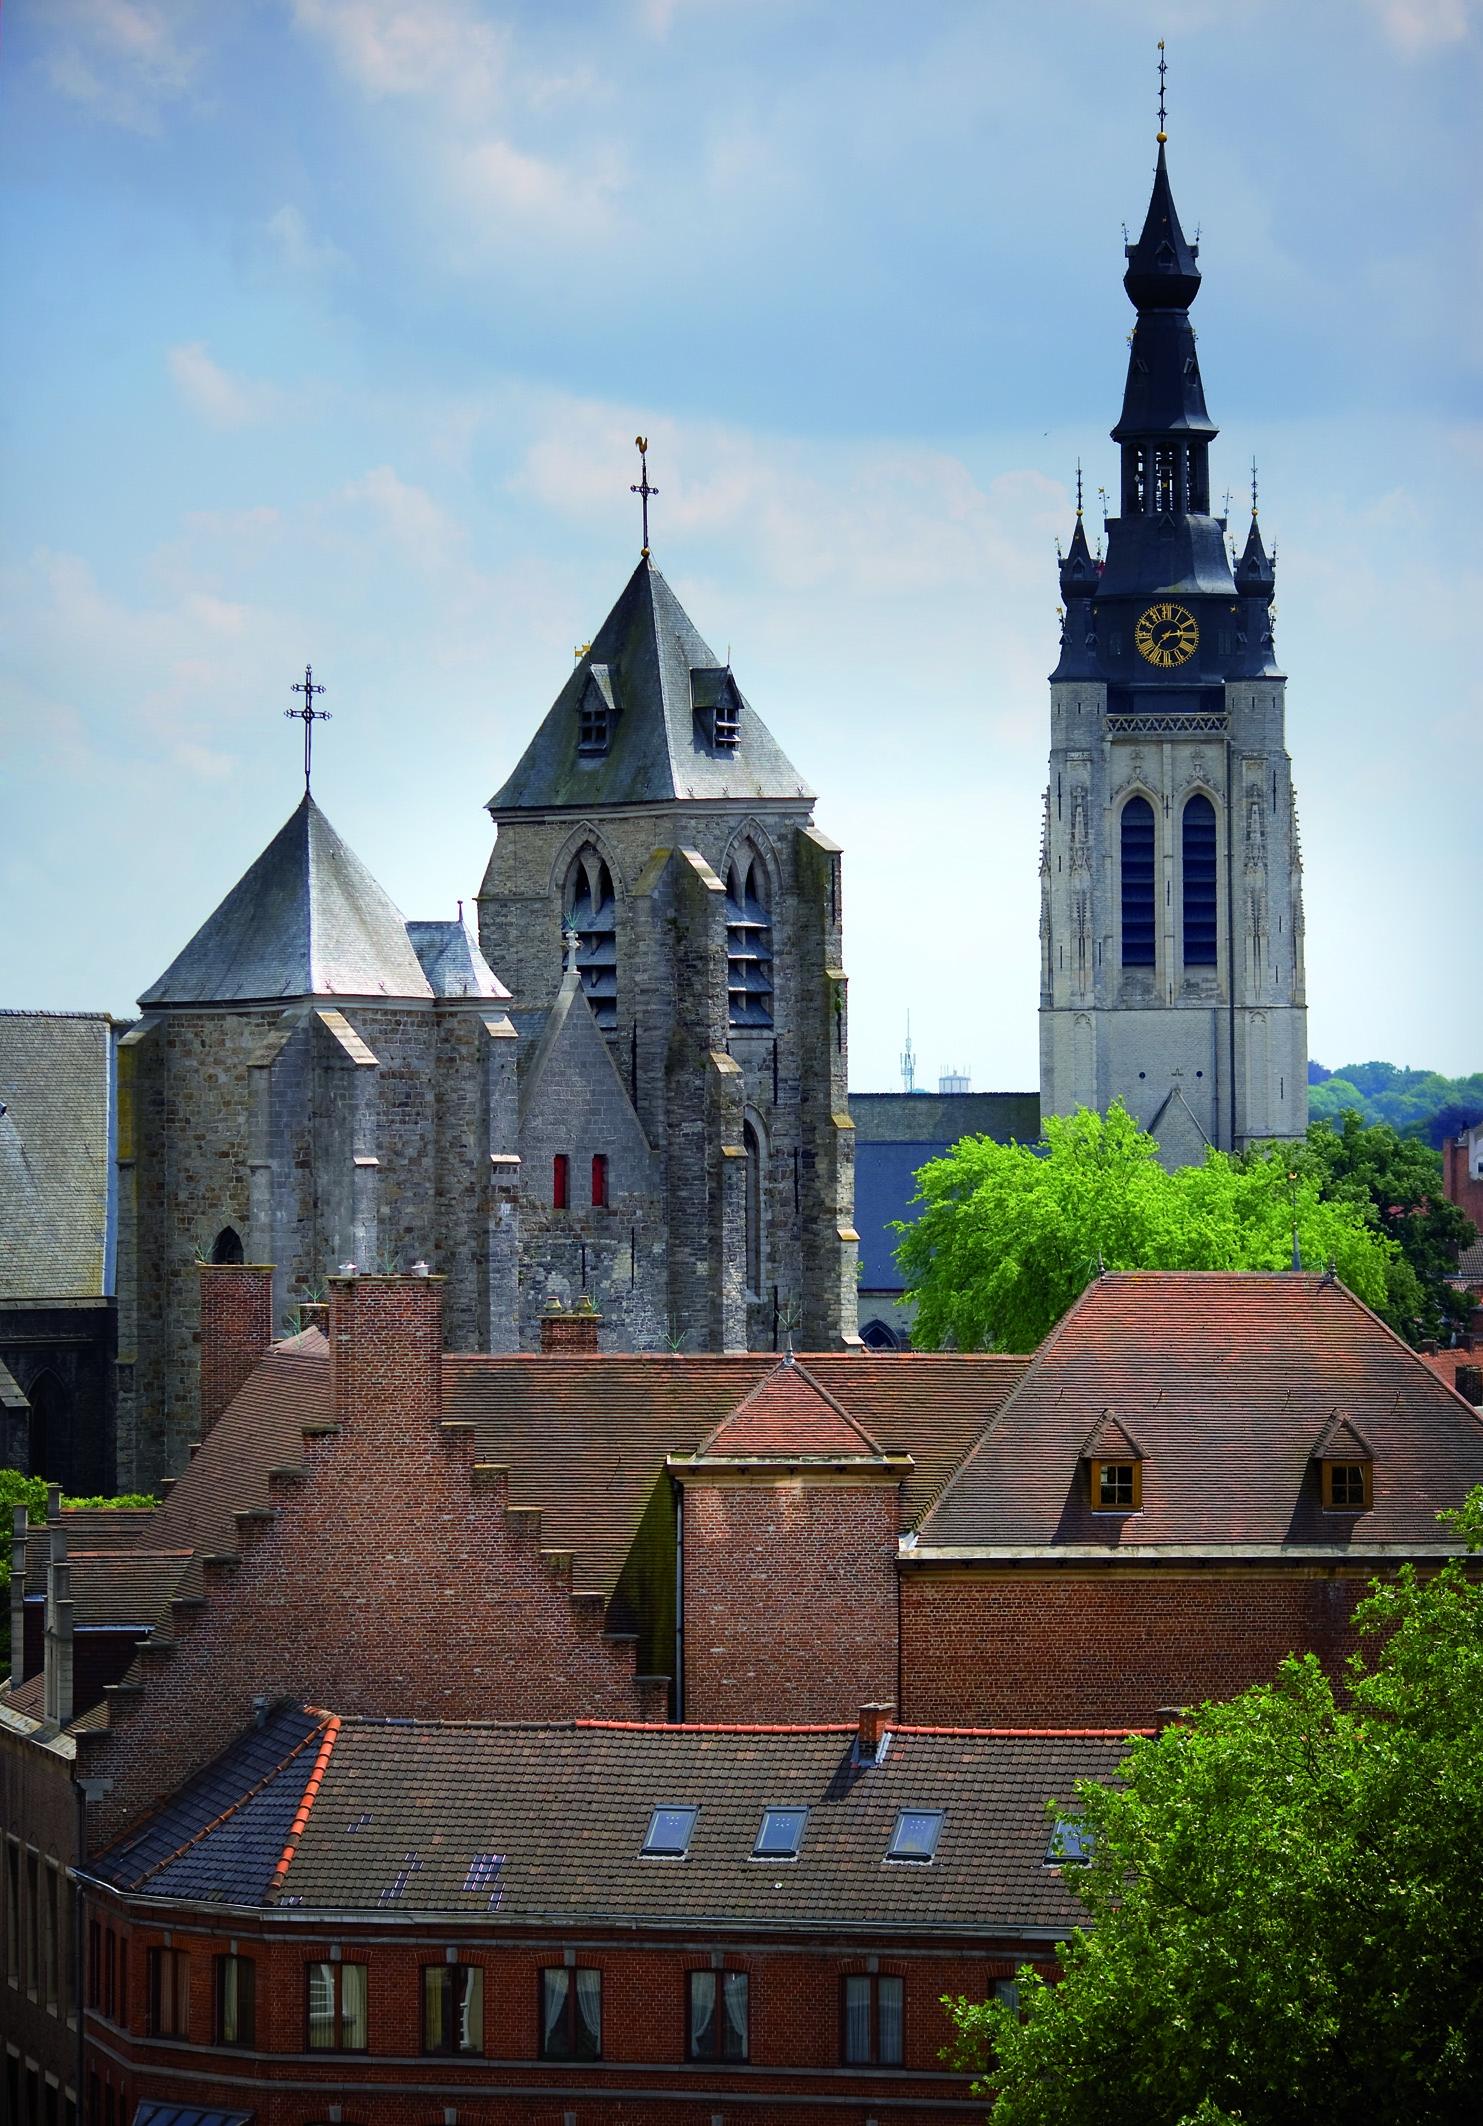 St Martinskirche